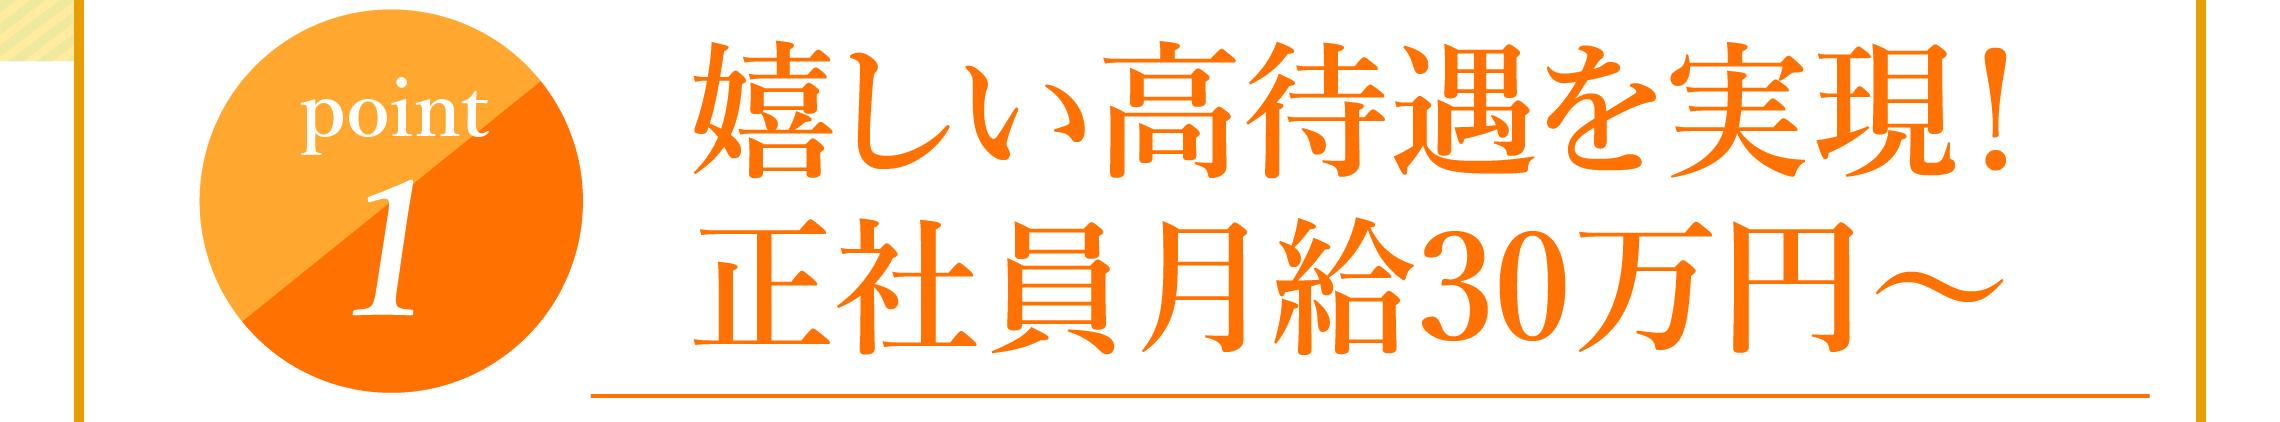 point1・嬉しい高待遇を実現!正社員月給30万円〜